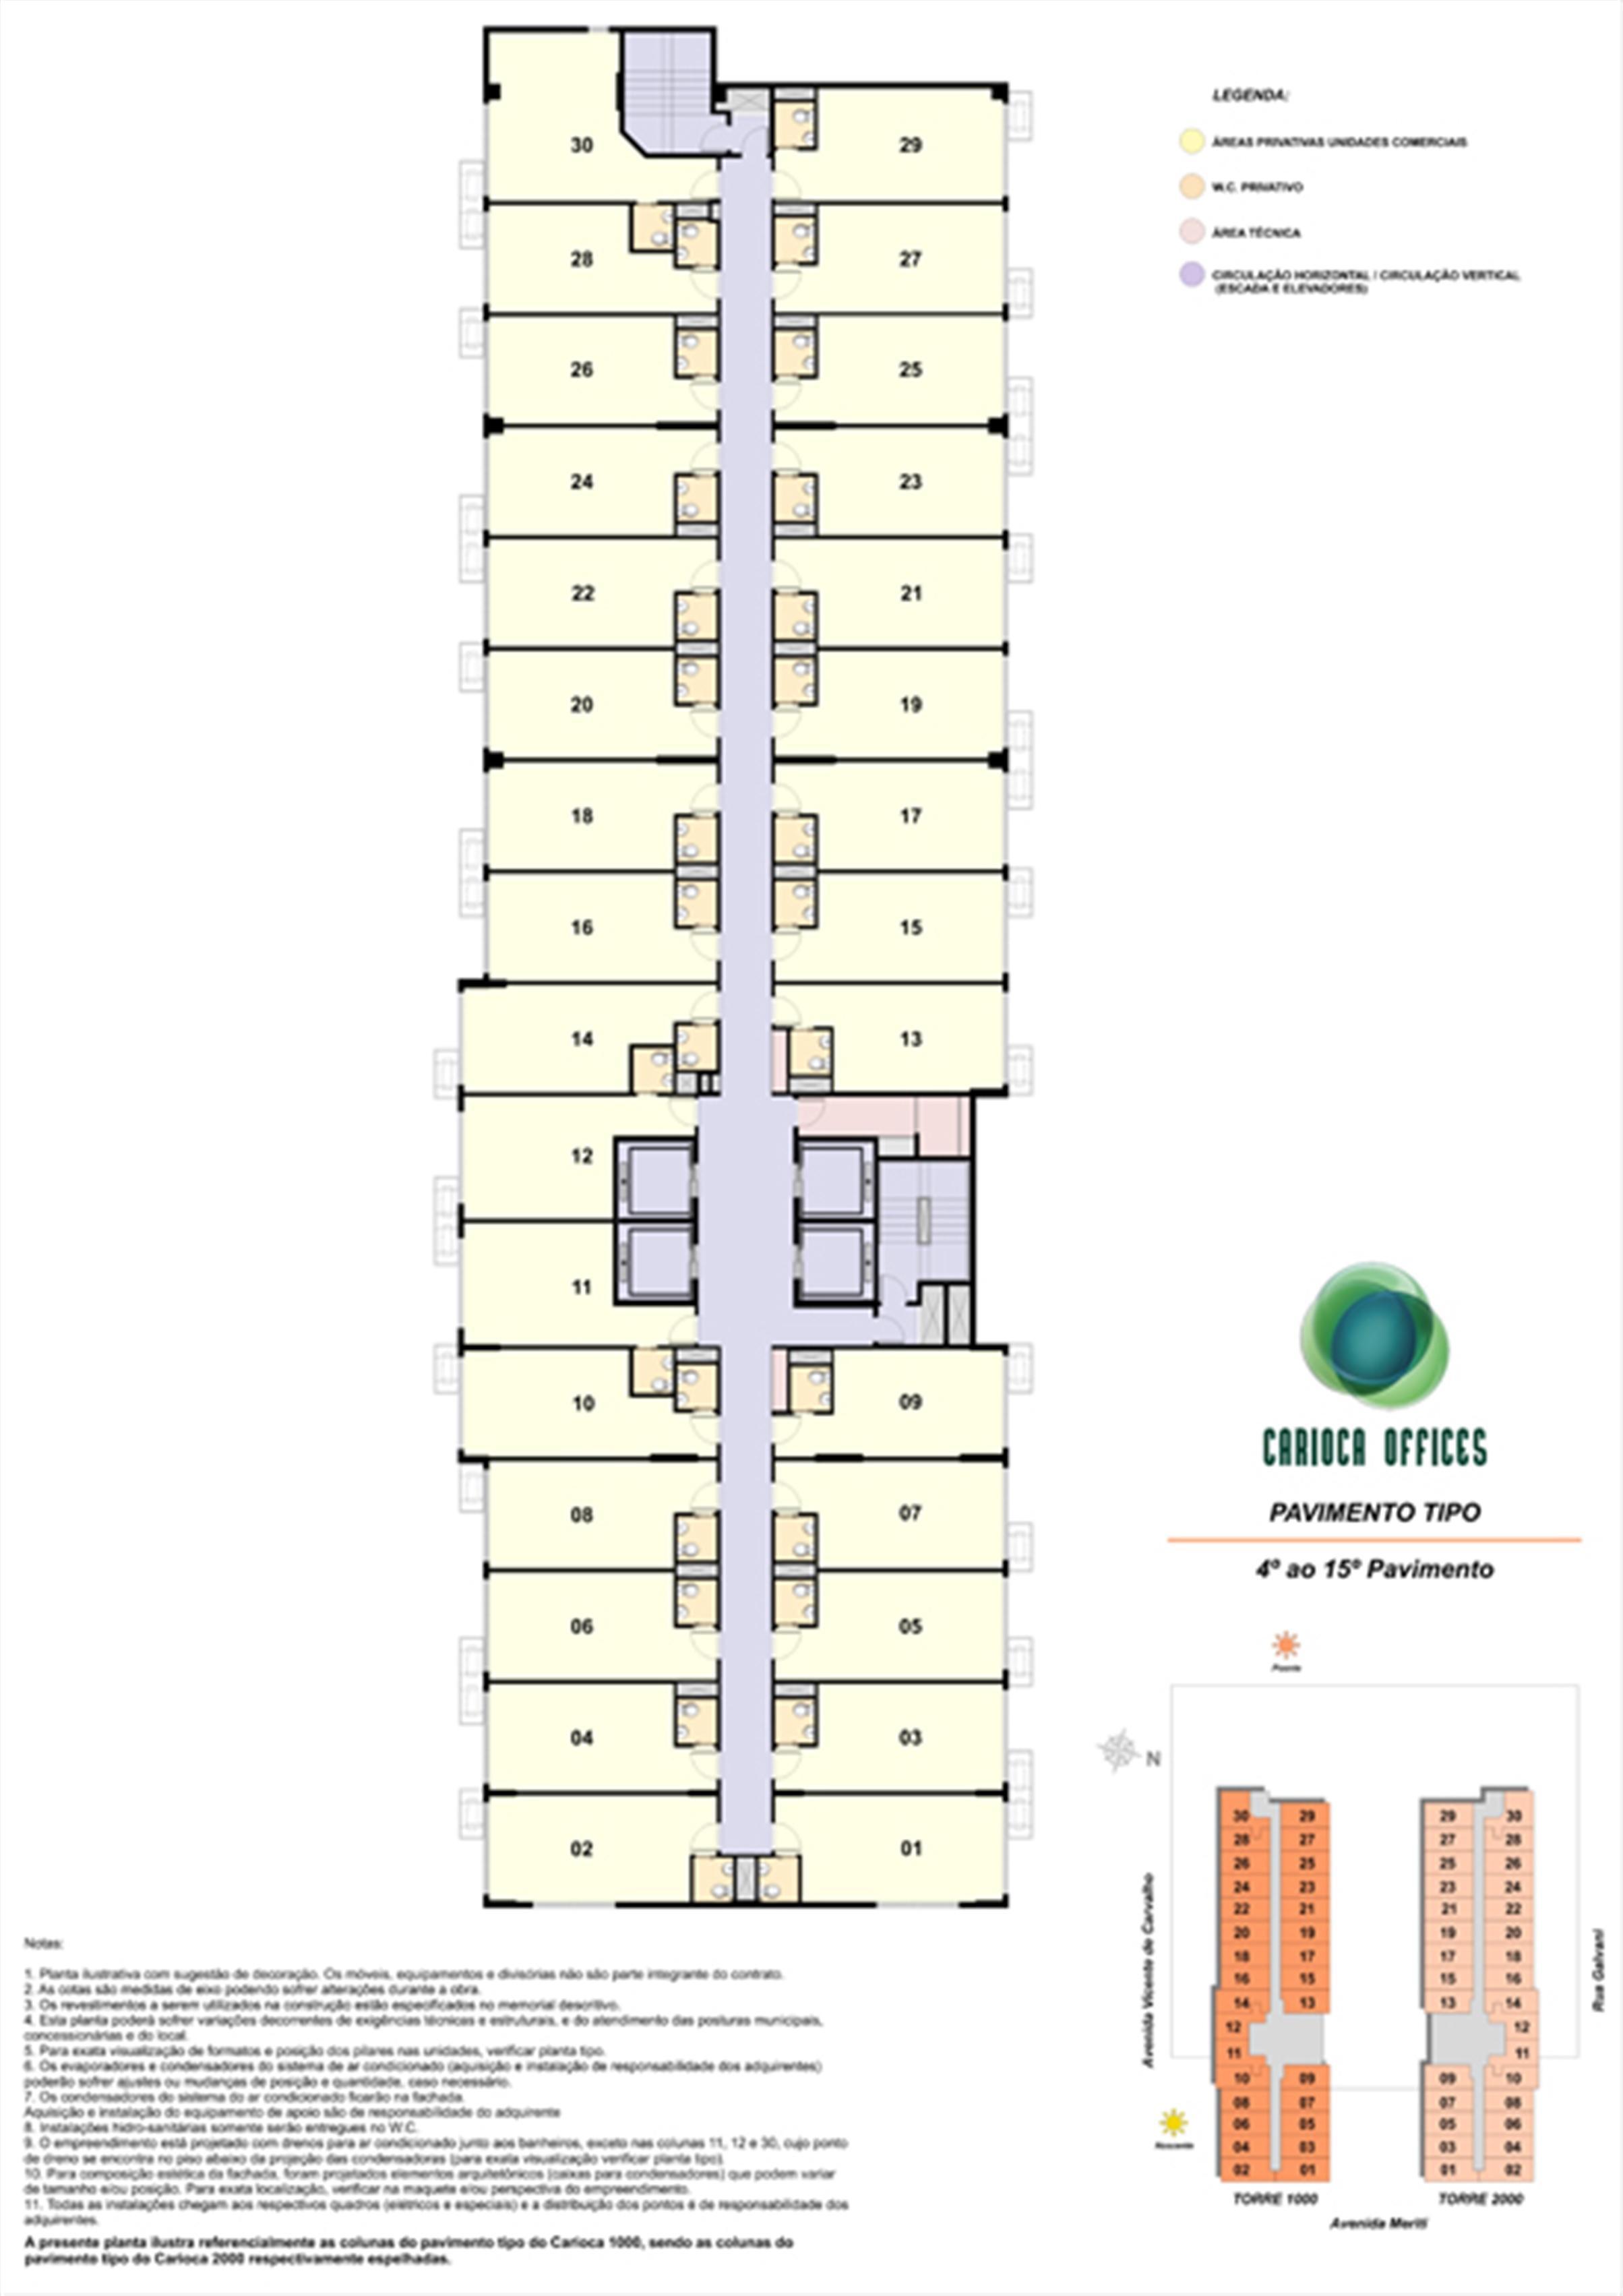 Tipo Seco | Carioca Offices – Salas Comerciais na  Vila da Penha - Rio de Janeiro - Rio de Janeiro